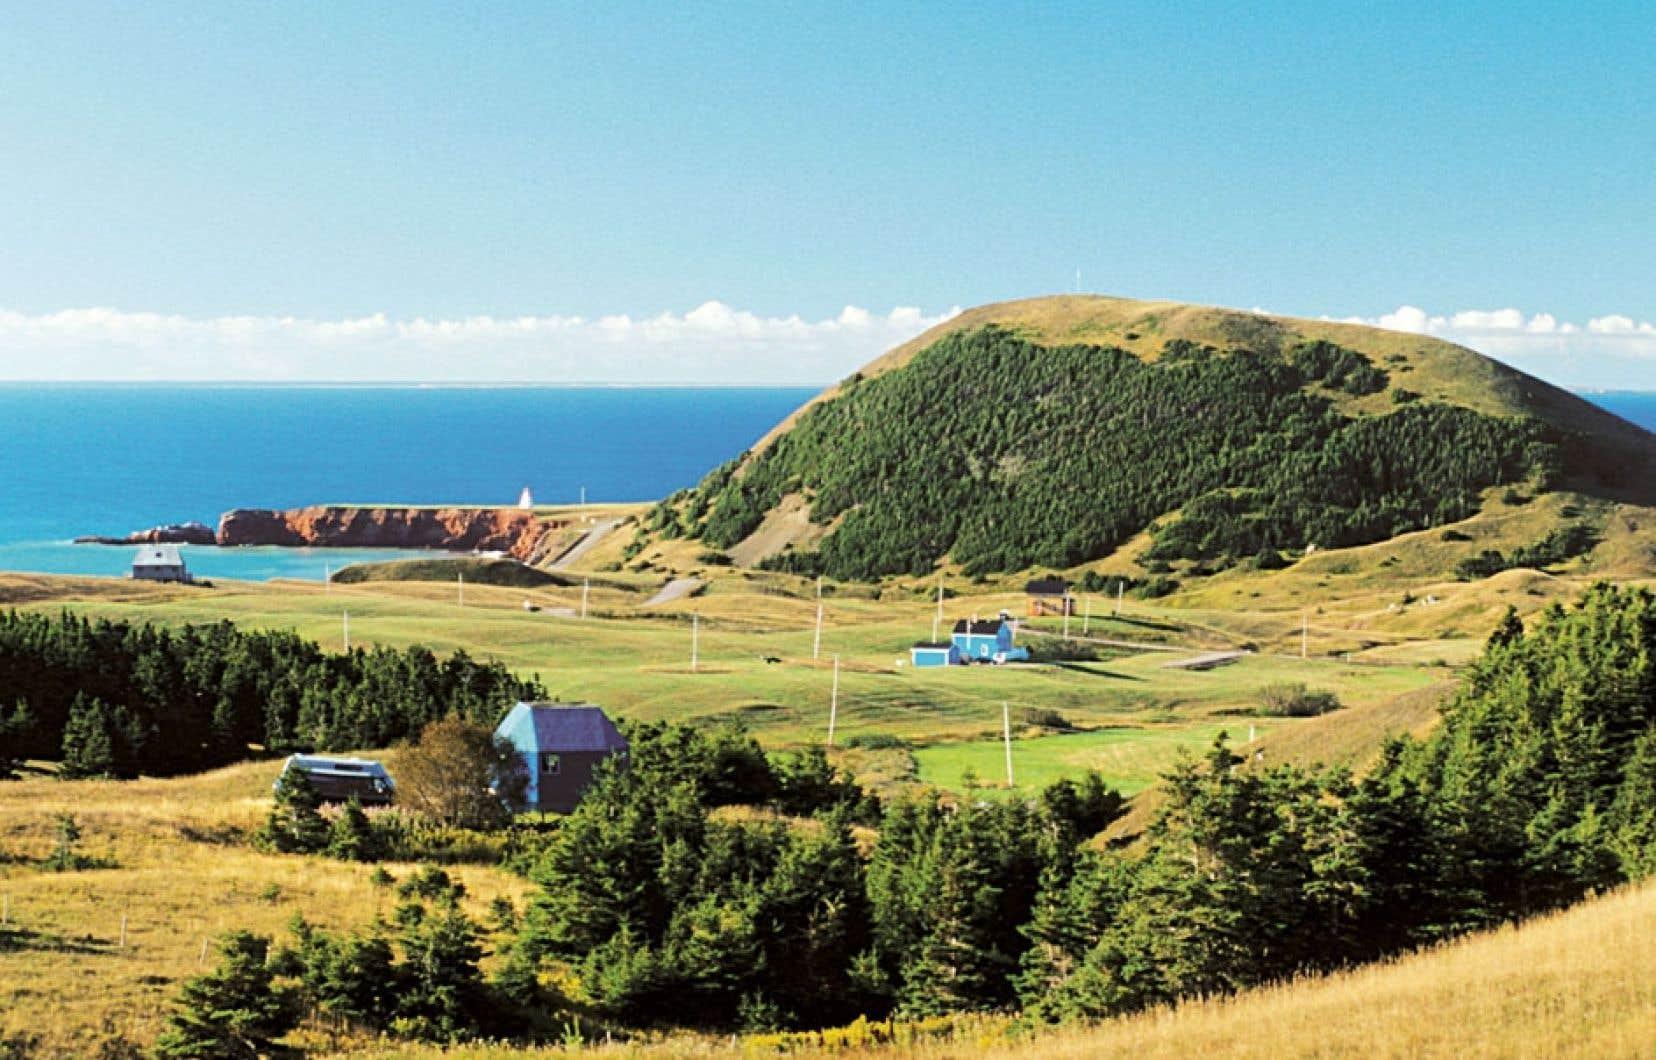 Le potentiel gazier et pétrolier des îles de la Madeleine reste à être établi.